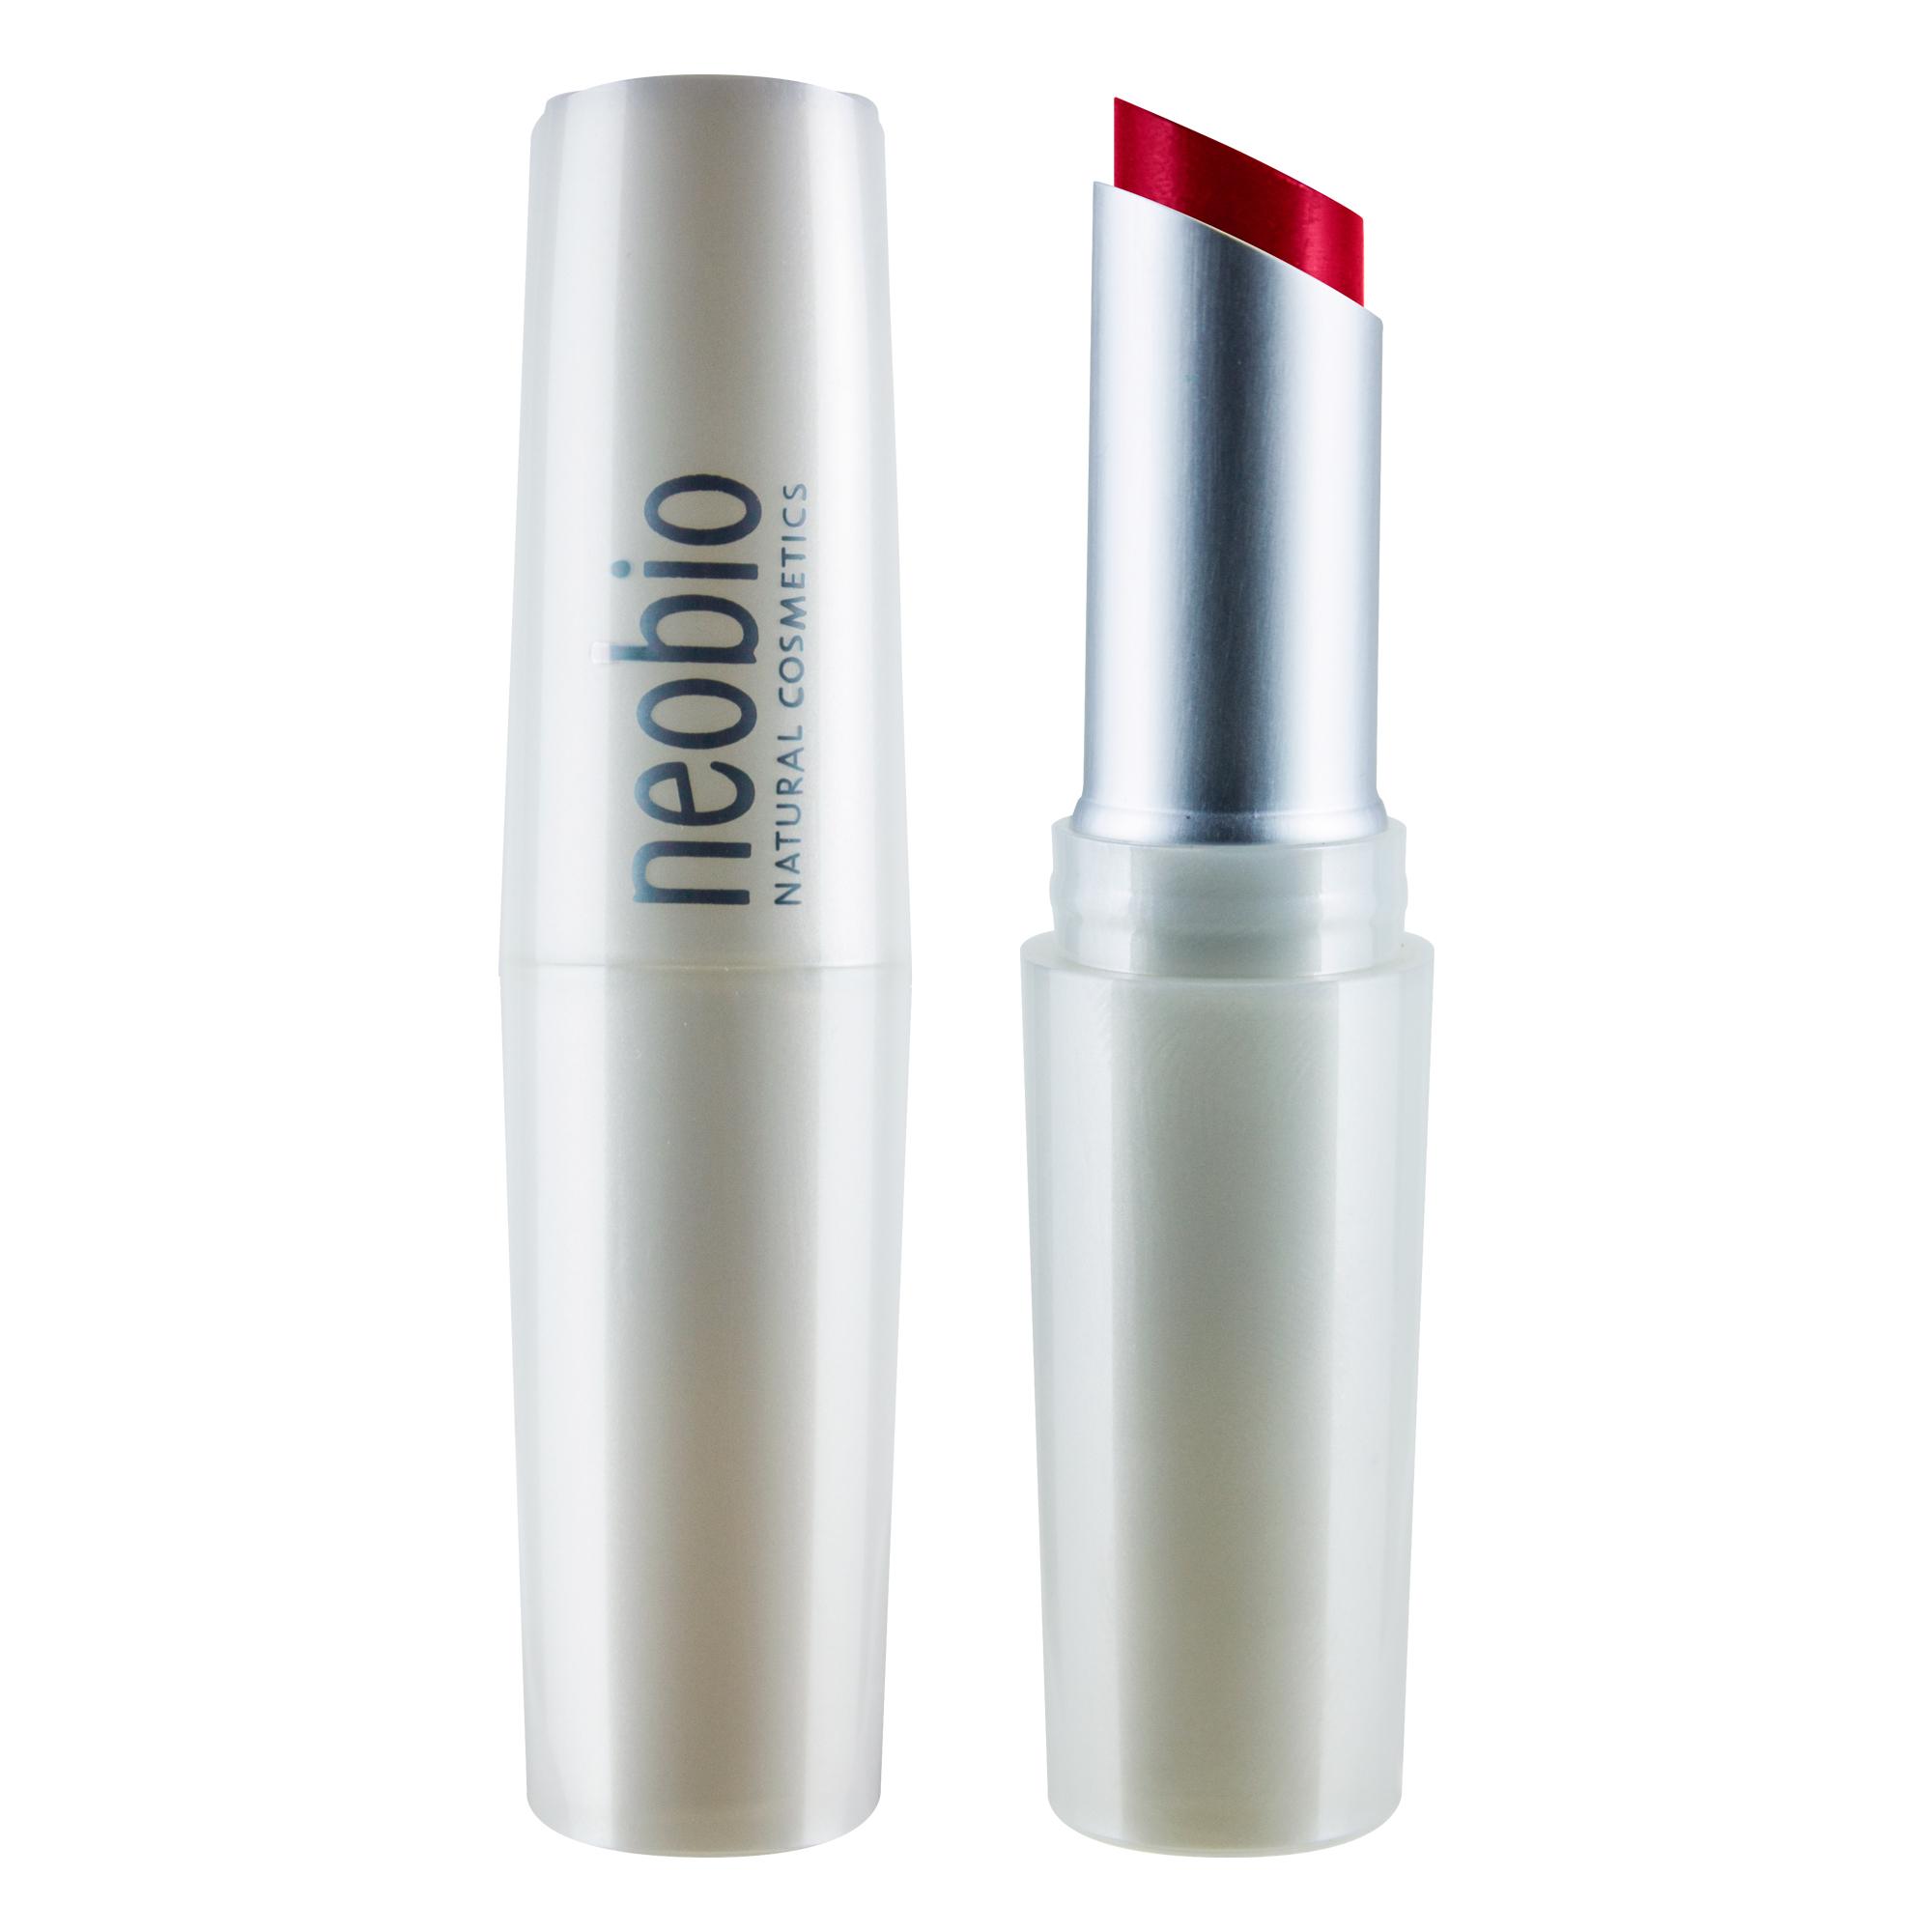 Neobio Slim губная помада 01 элегантный красный